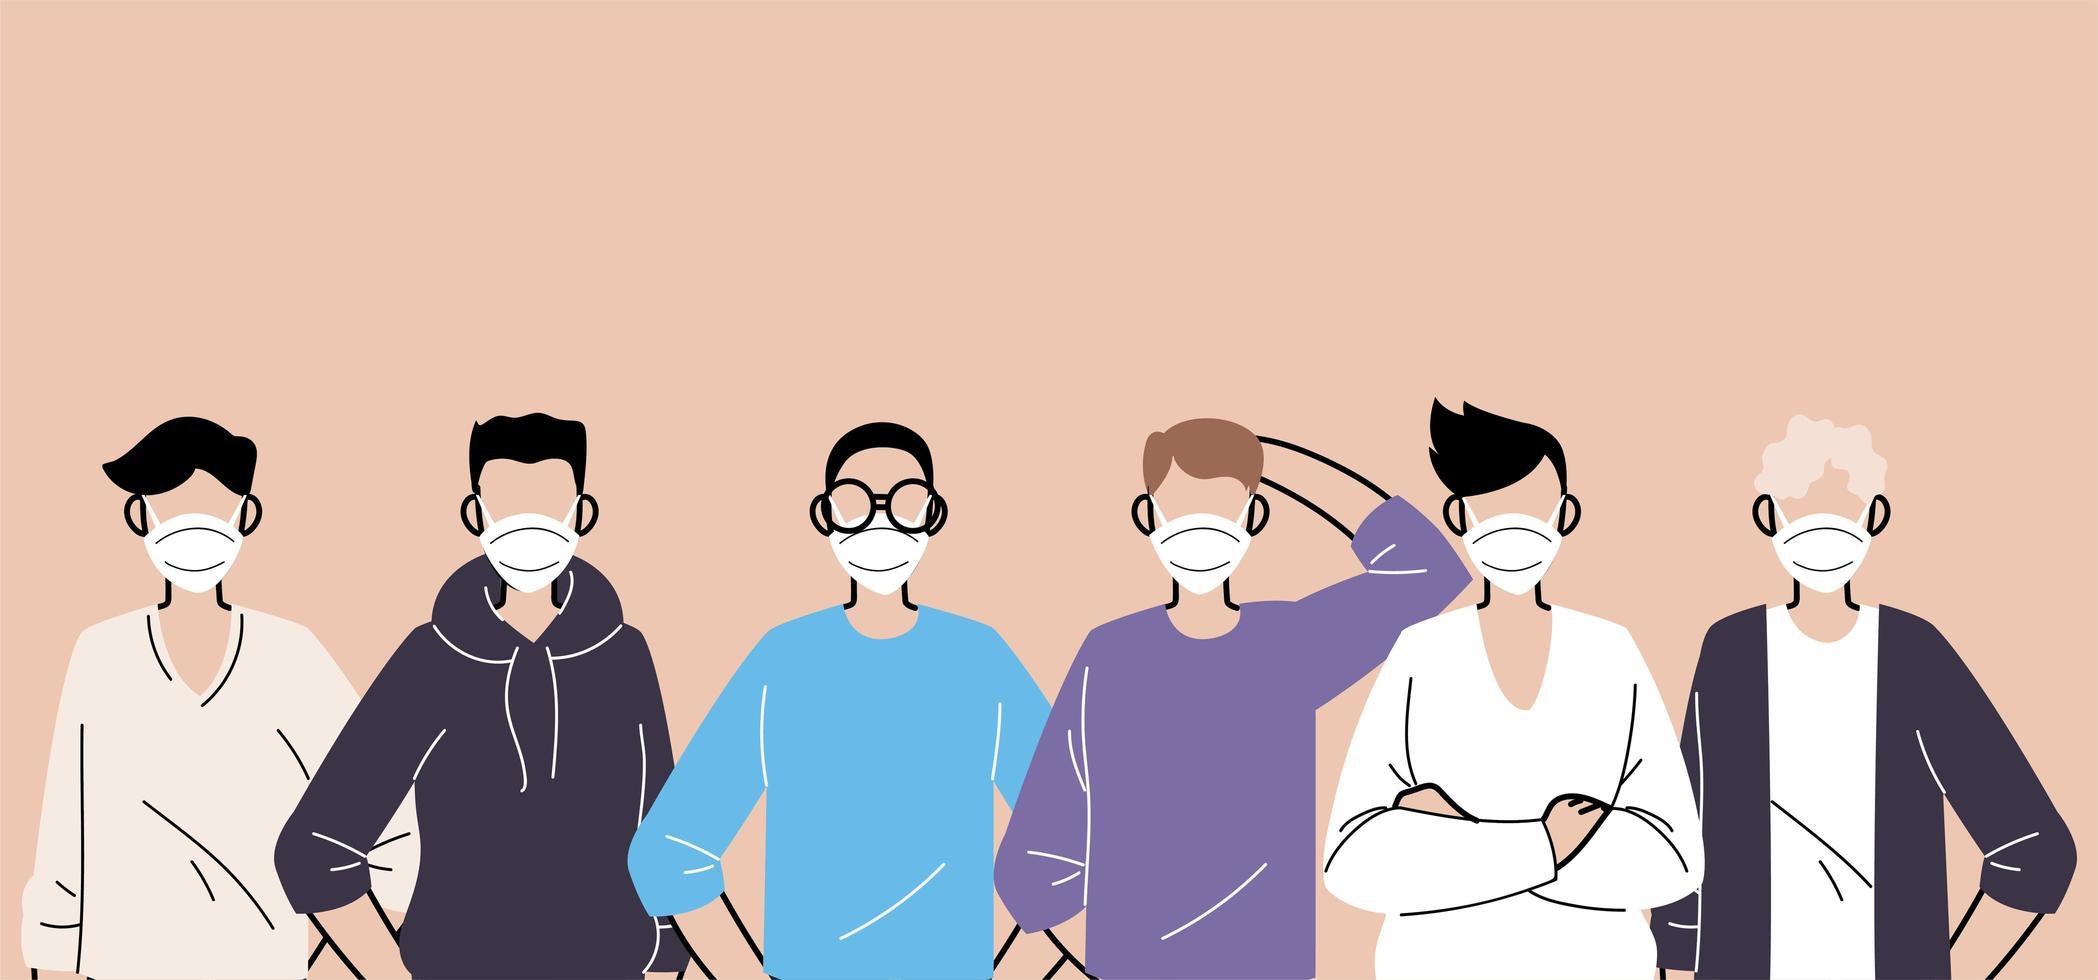 personnes portant des masques médicaux protecteurs vecteur